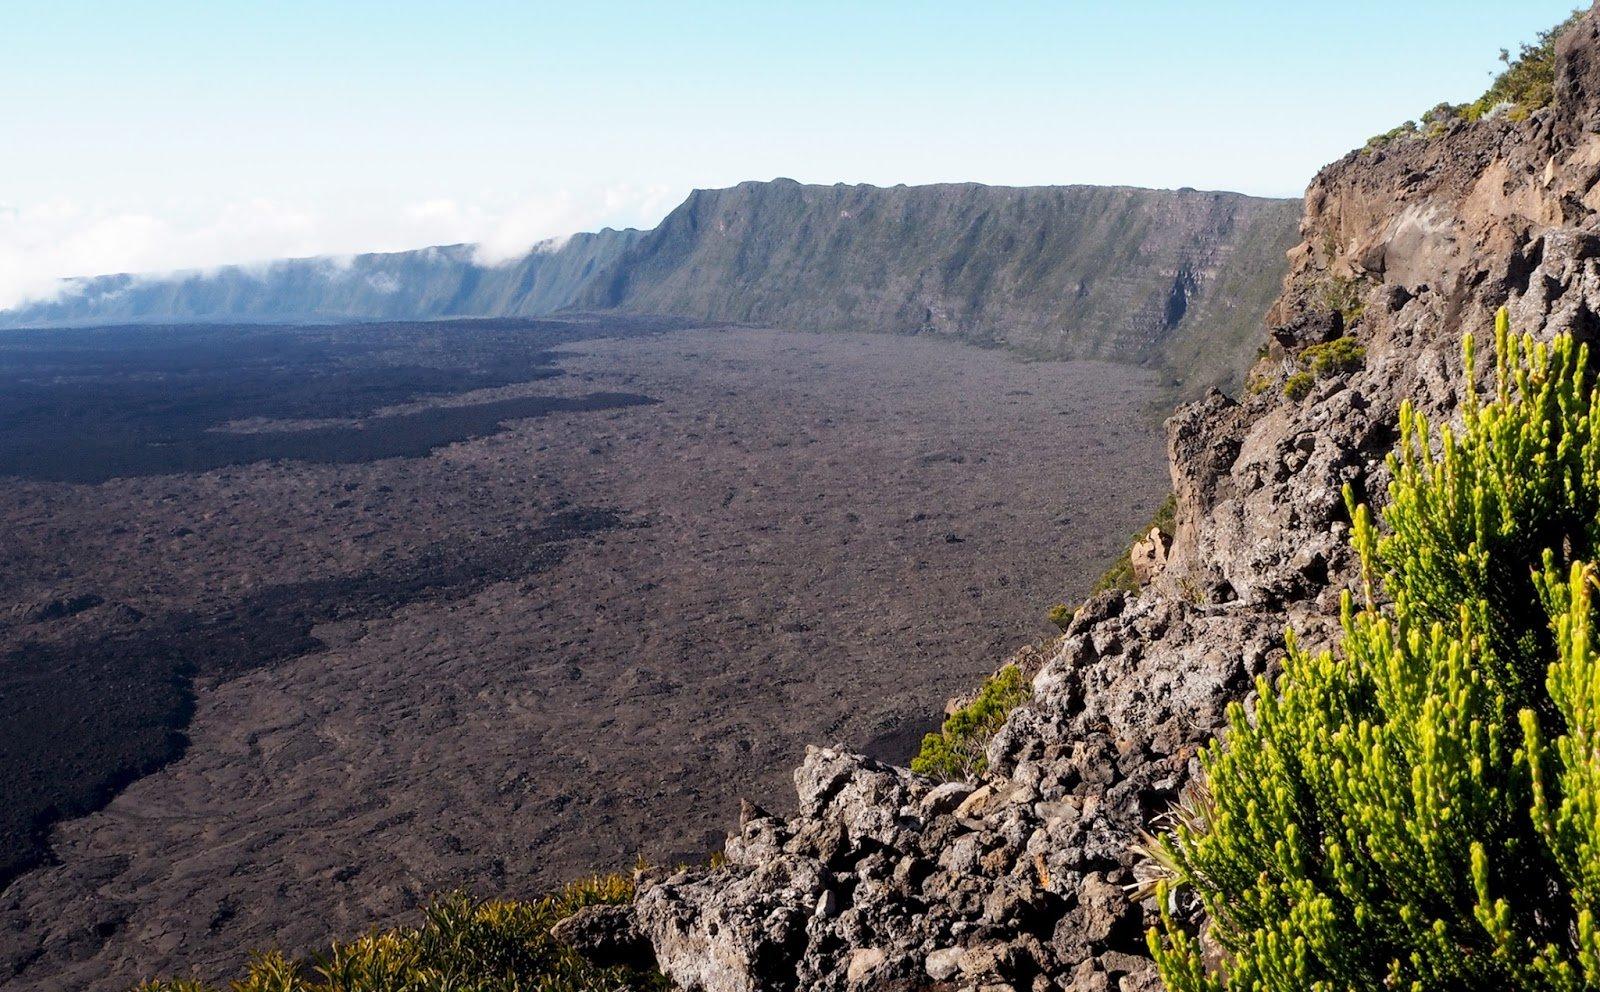 La Réunion volcan de la Fournaise